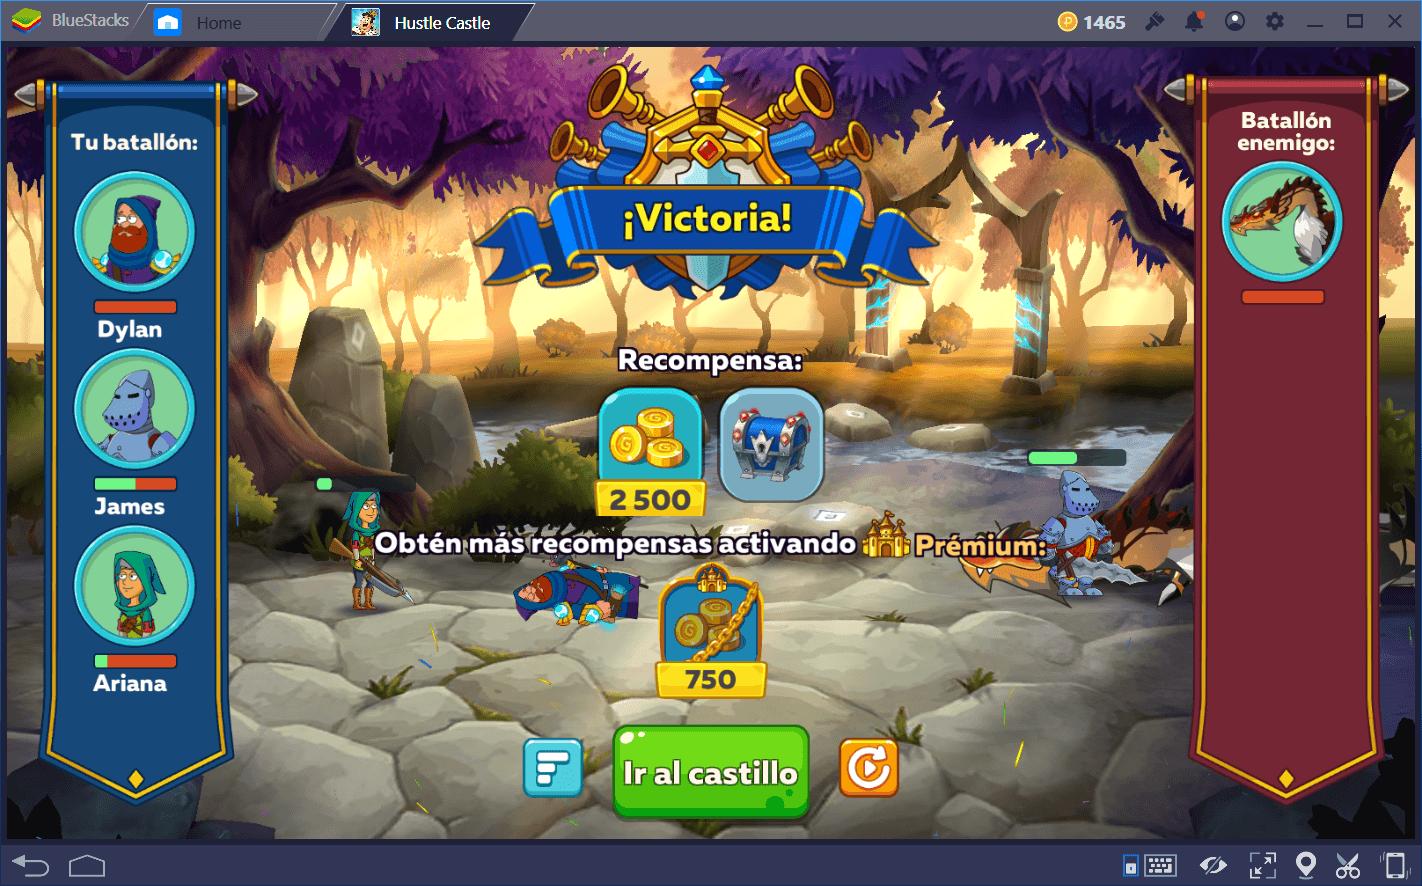 Haciendo Progreso en Hustle Castle: Castillo Mágico